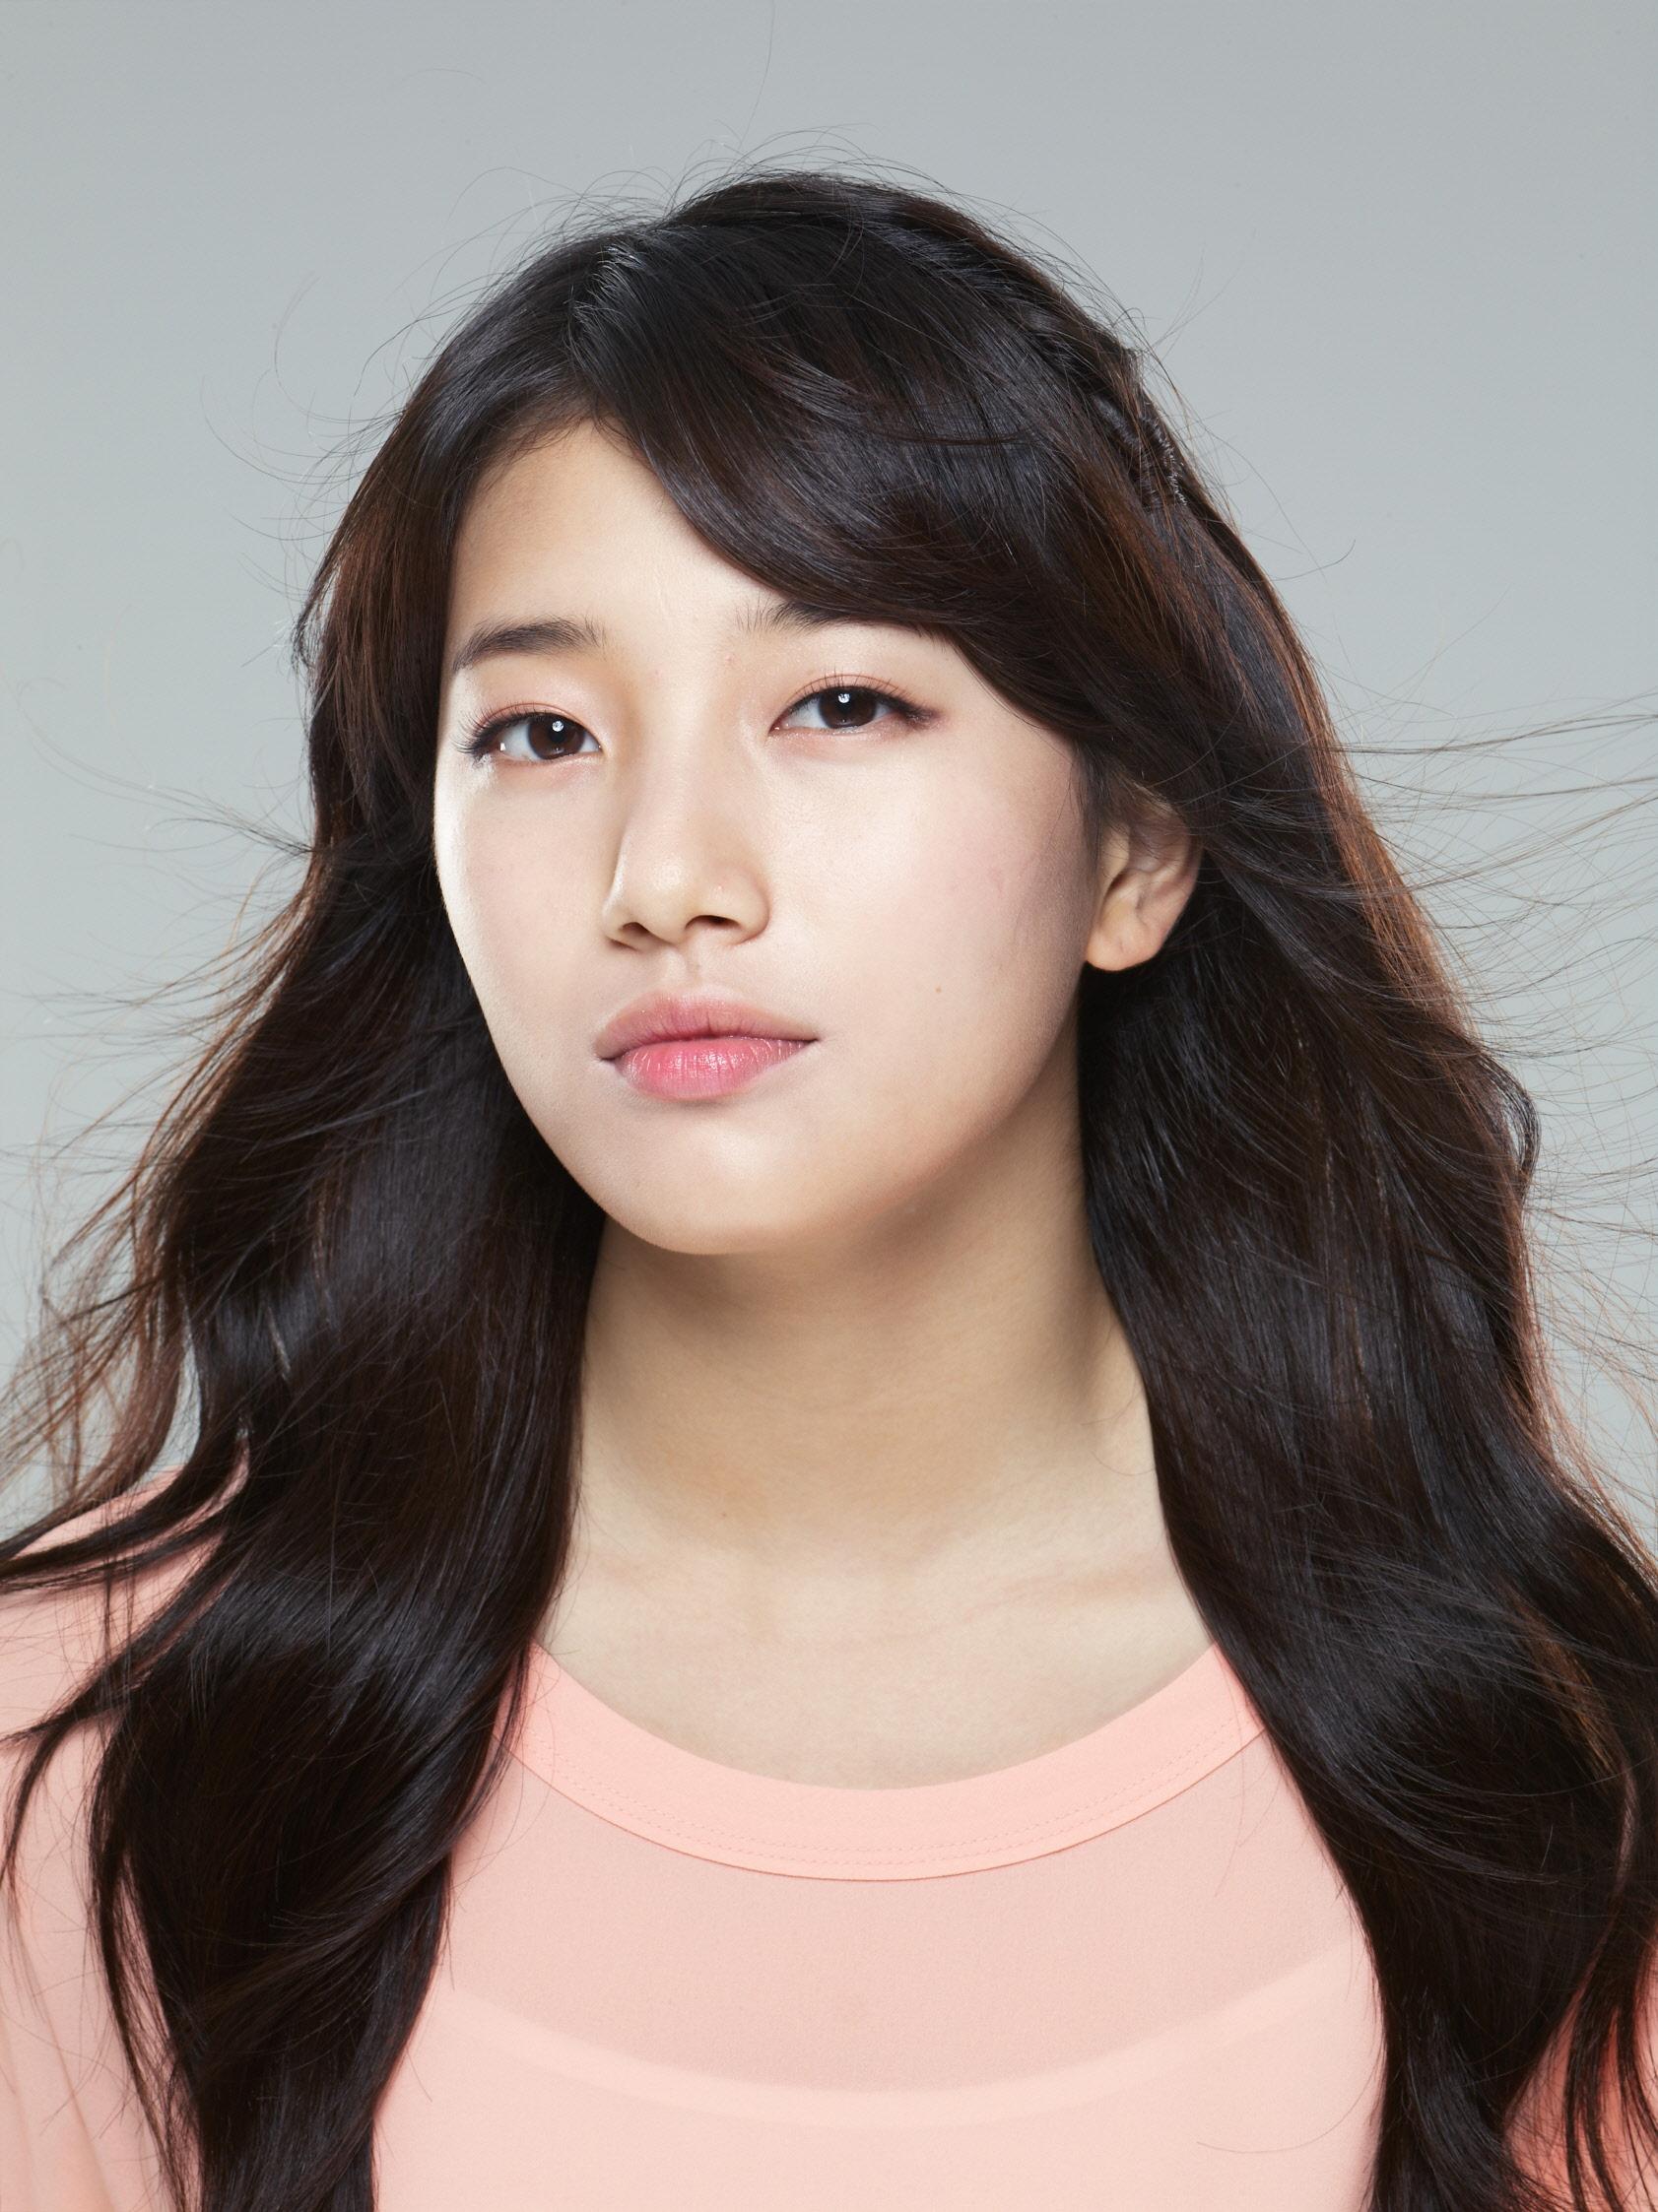 Suzy #1